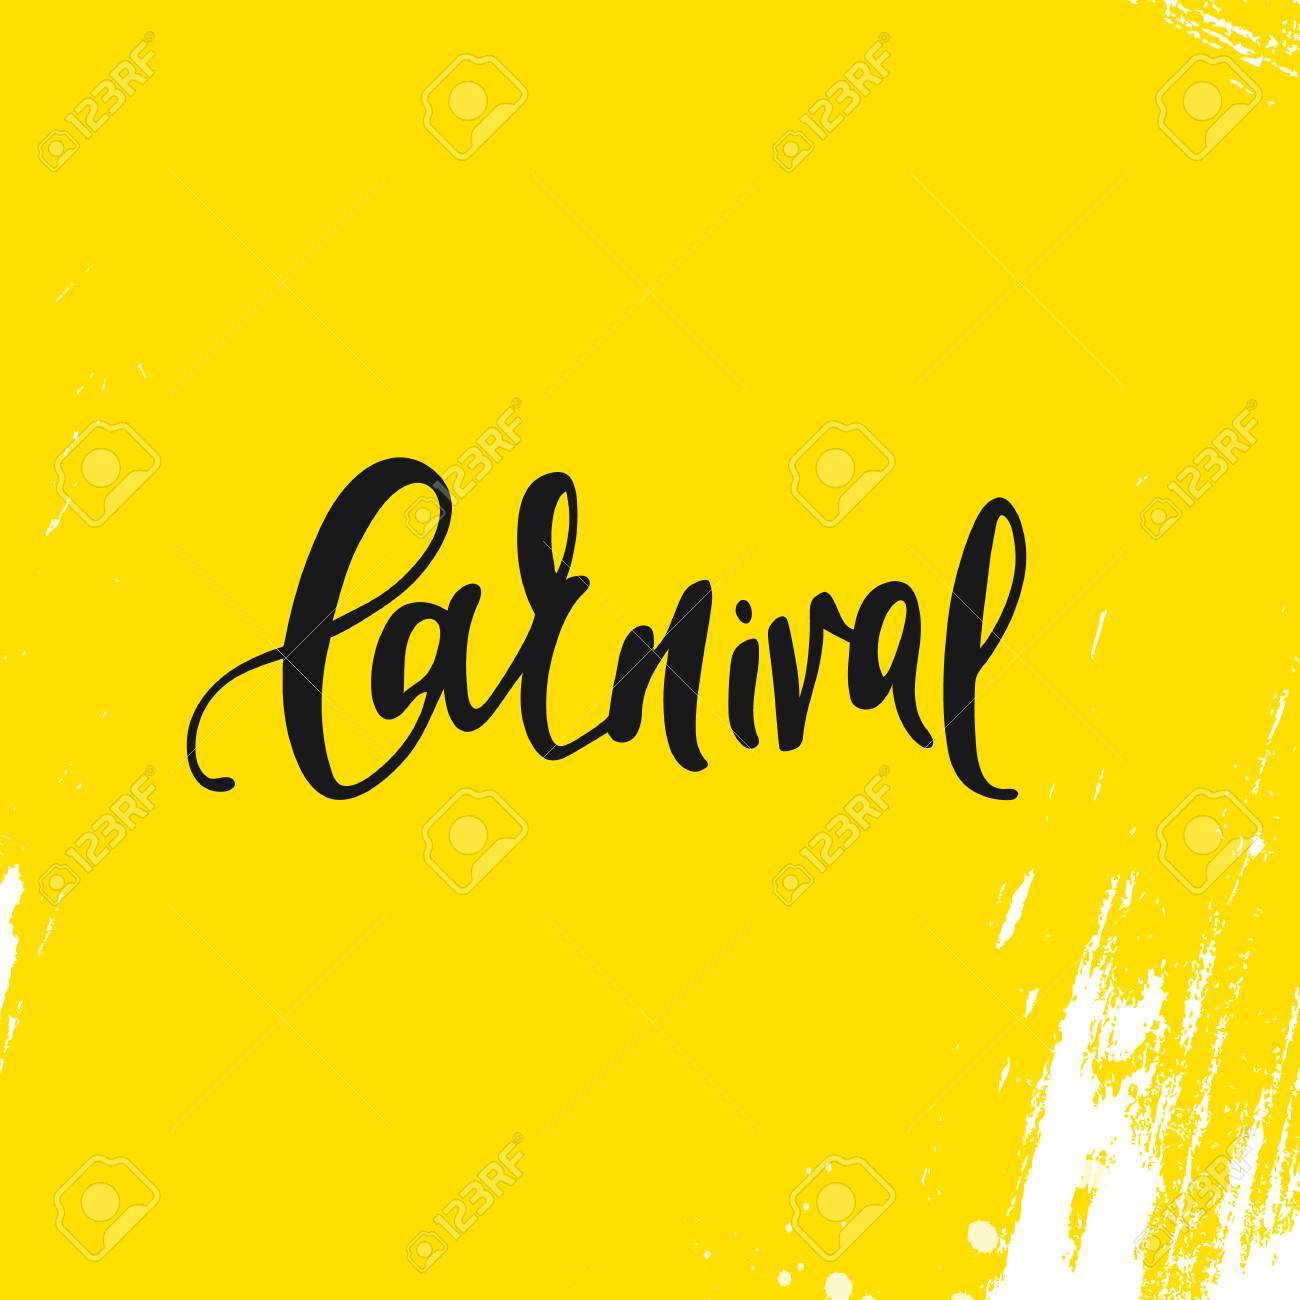 Carnaval De Inscripción Fondo Amarillo Tarjetas De Felicitación Hechas A Mano De La Caligrafía Pósters Frase Carnaval Antecedentes Pincel De